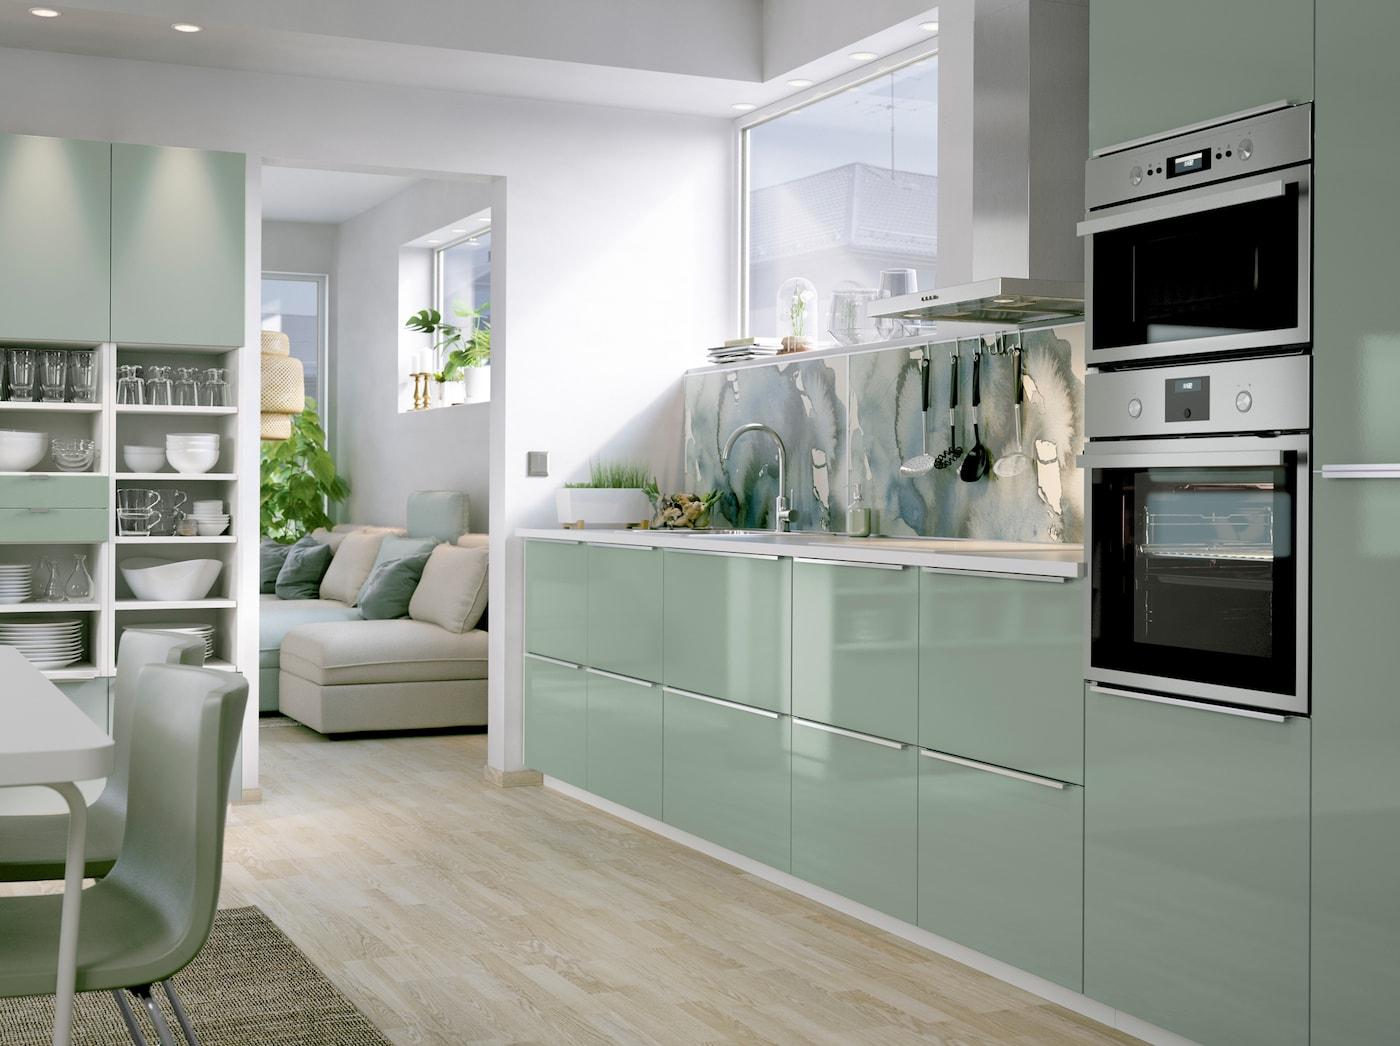 Outdoor Küche Edelstahl Ikea : Top ergebnis schön küche ohne geräte ikea bild zat